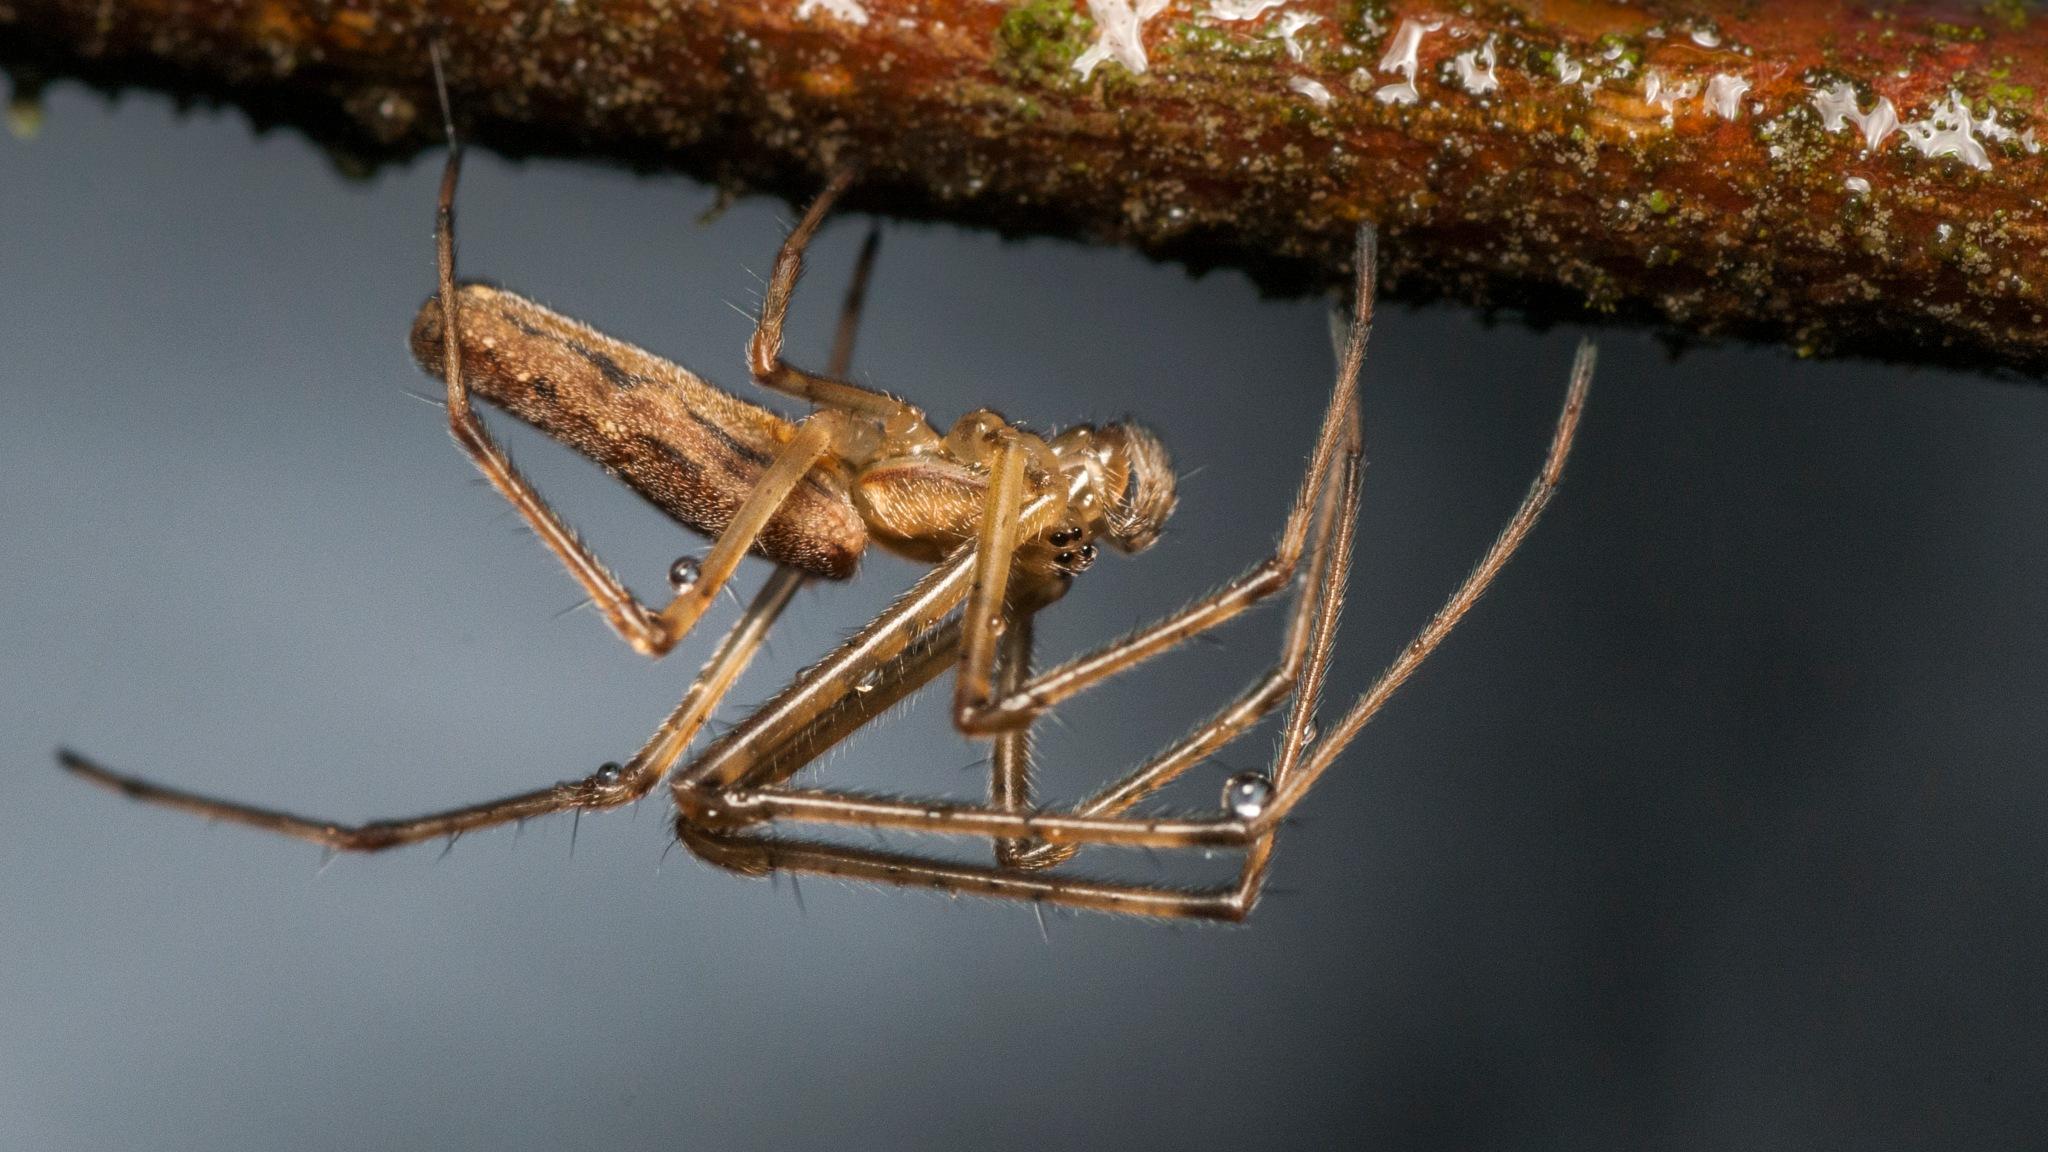 Spider by Karstenbp